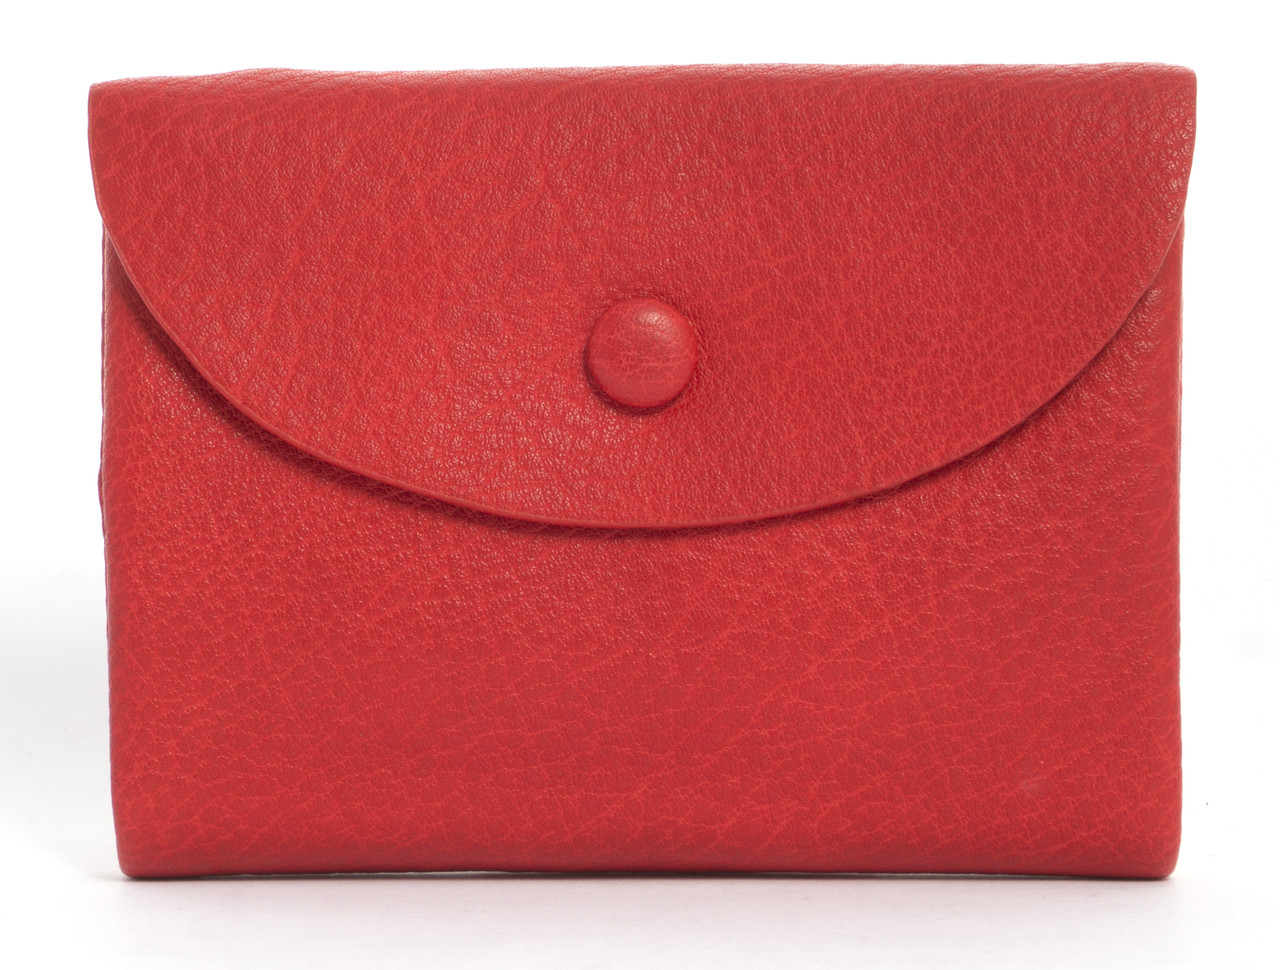 Жіночий невеликий м'який міцний місткий гаманець Saralyn art. 8450